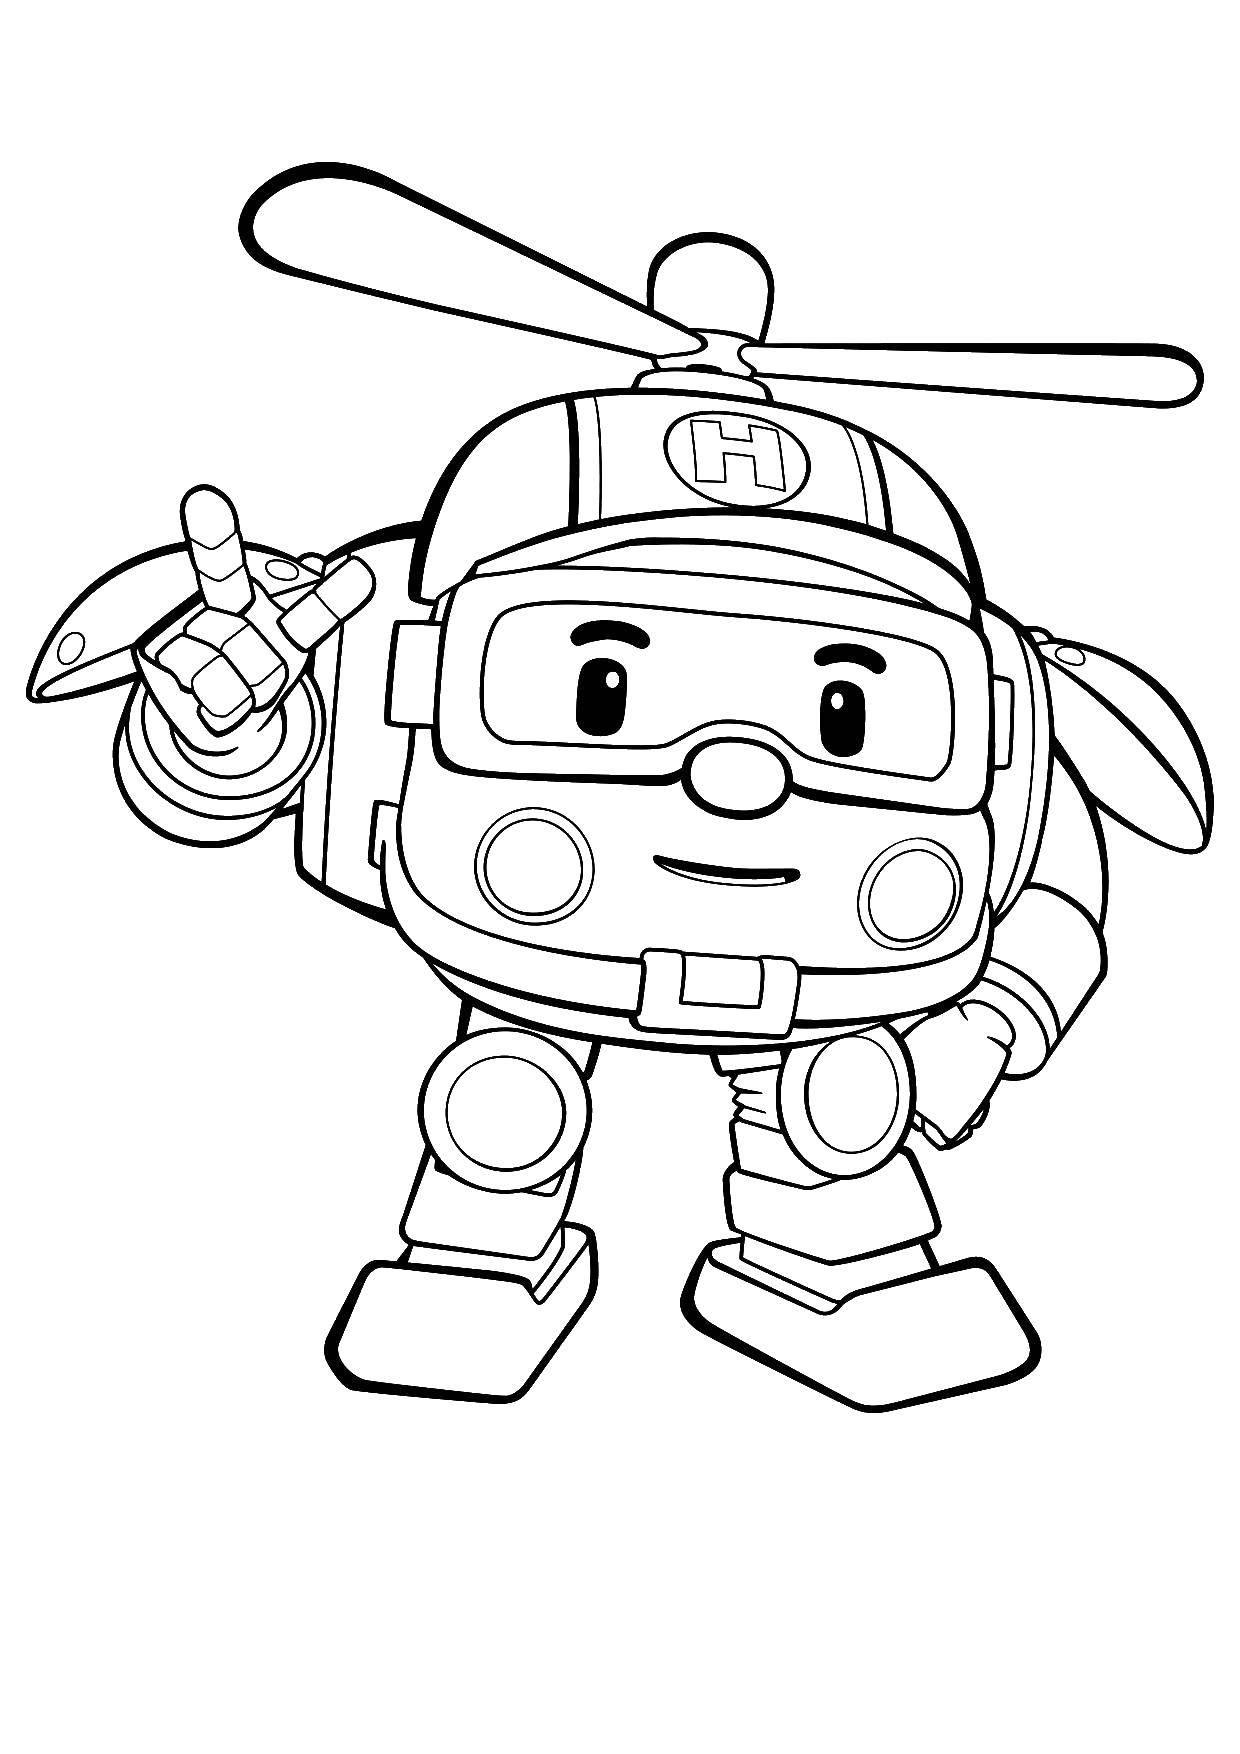 Название: Раскраска Хэли вертолет робокар. Категория: поли робокар. Теги: Хэли, робокар.